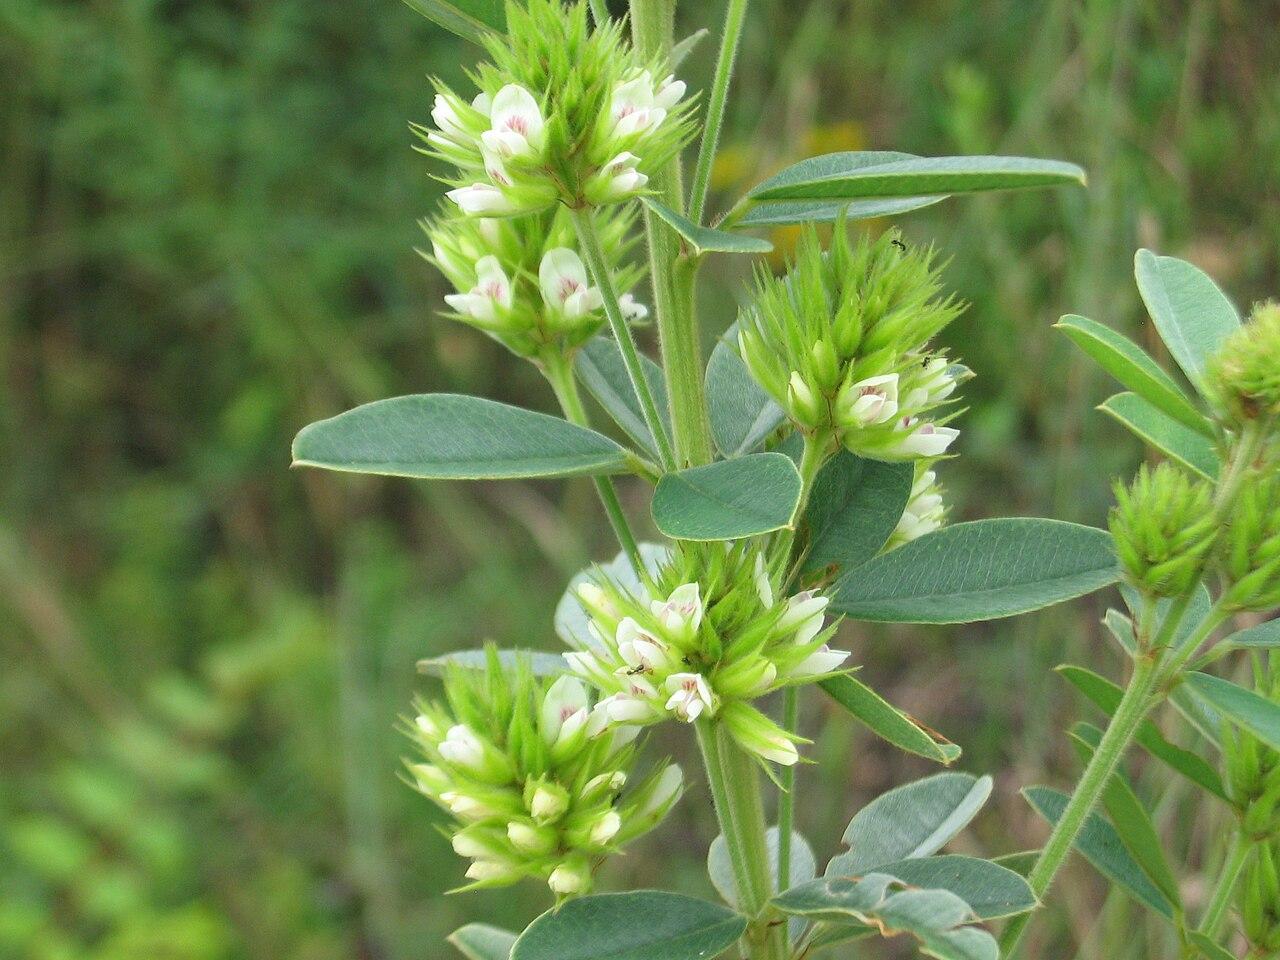 une plante Martin 25 janvier trouvée par Martine et Ajonc - Page 2 1280px-Lespedeza_capitata_8071